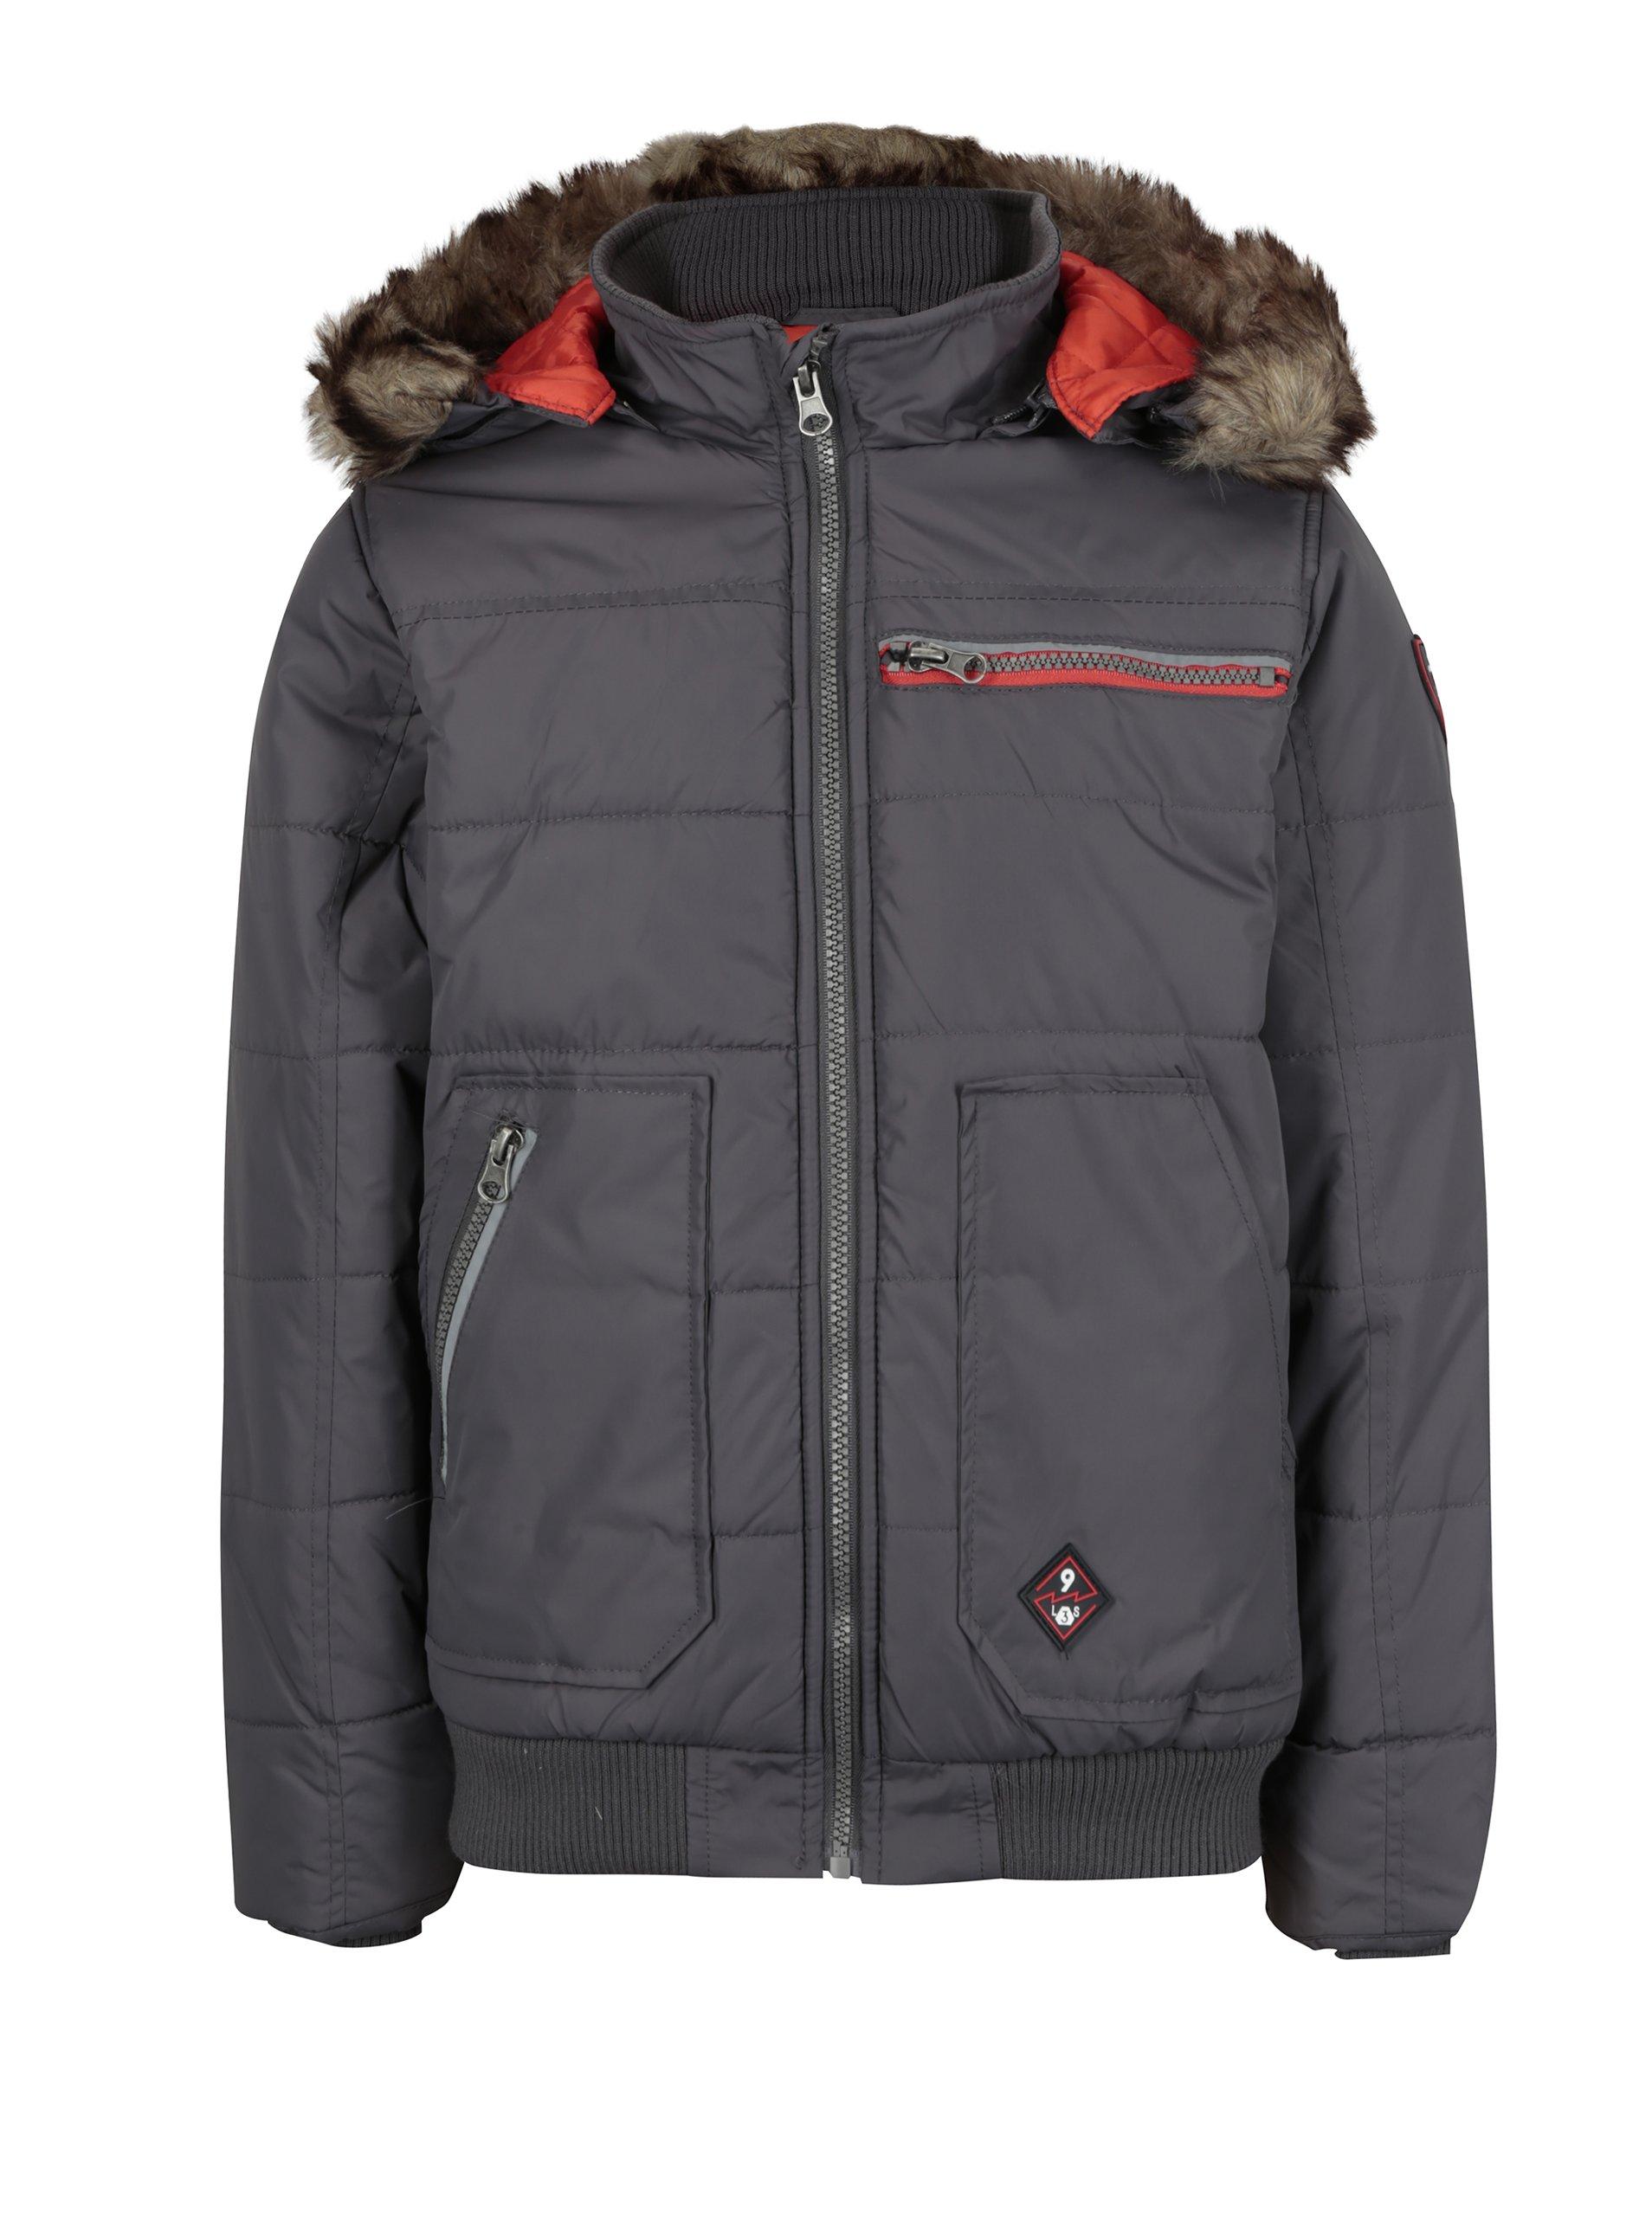 Hnědá klučičí prošívaná zimní bunda s umělým kožíškem 5.10.15.